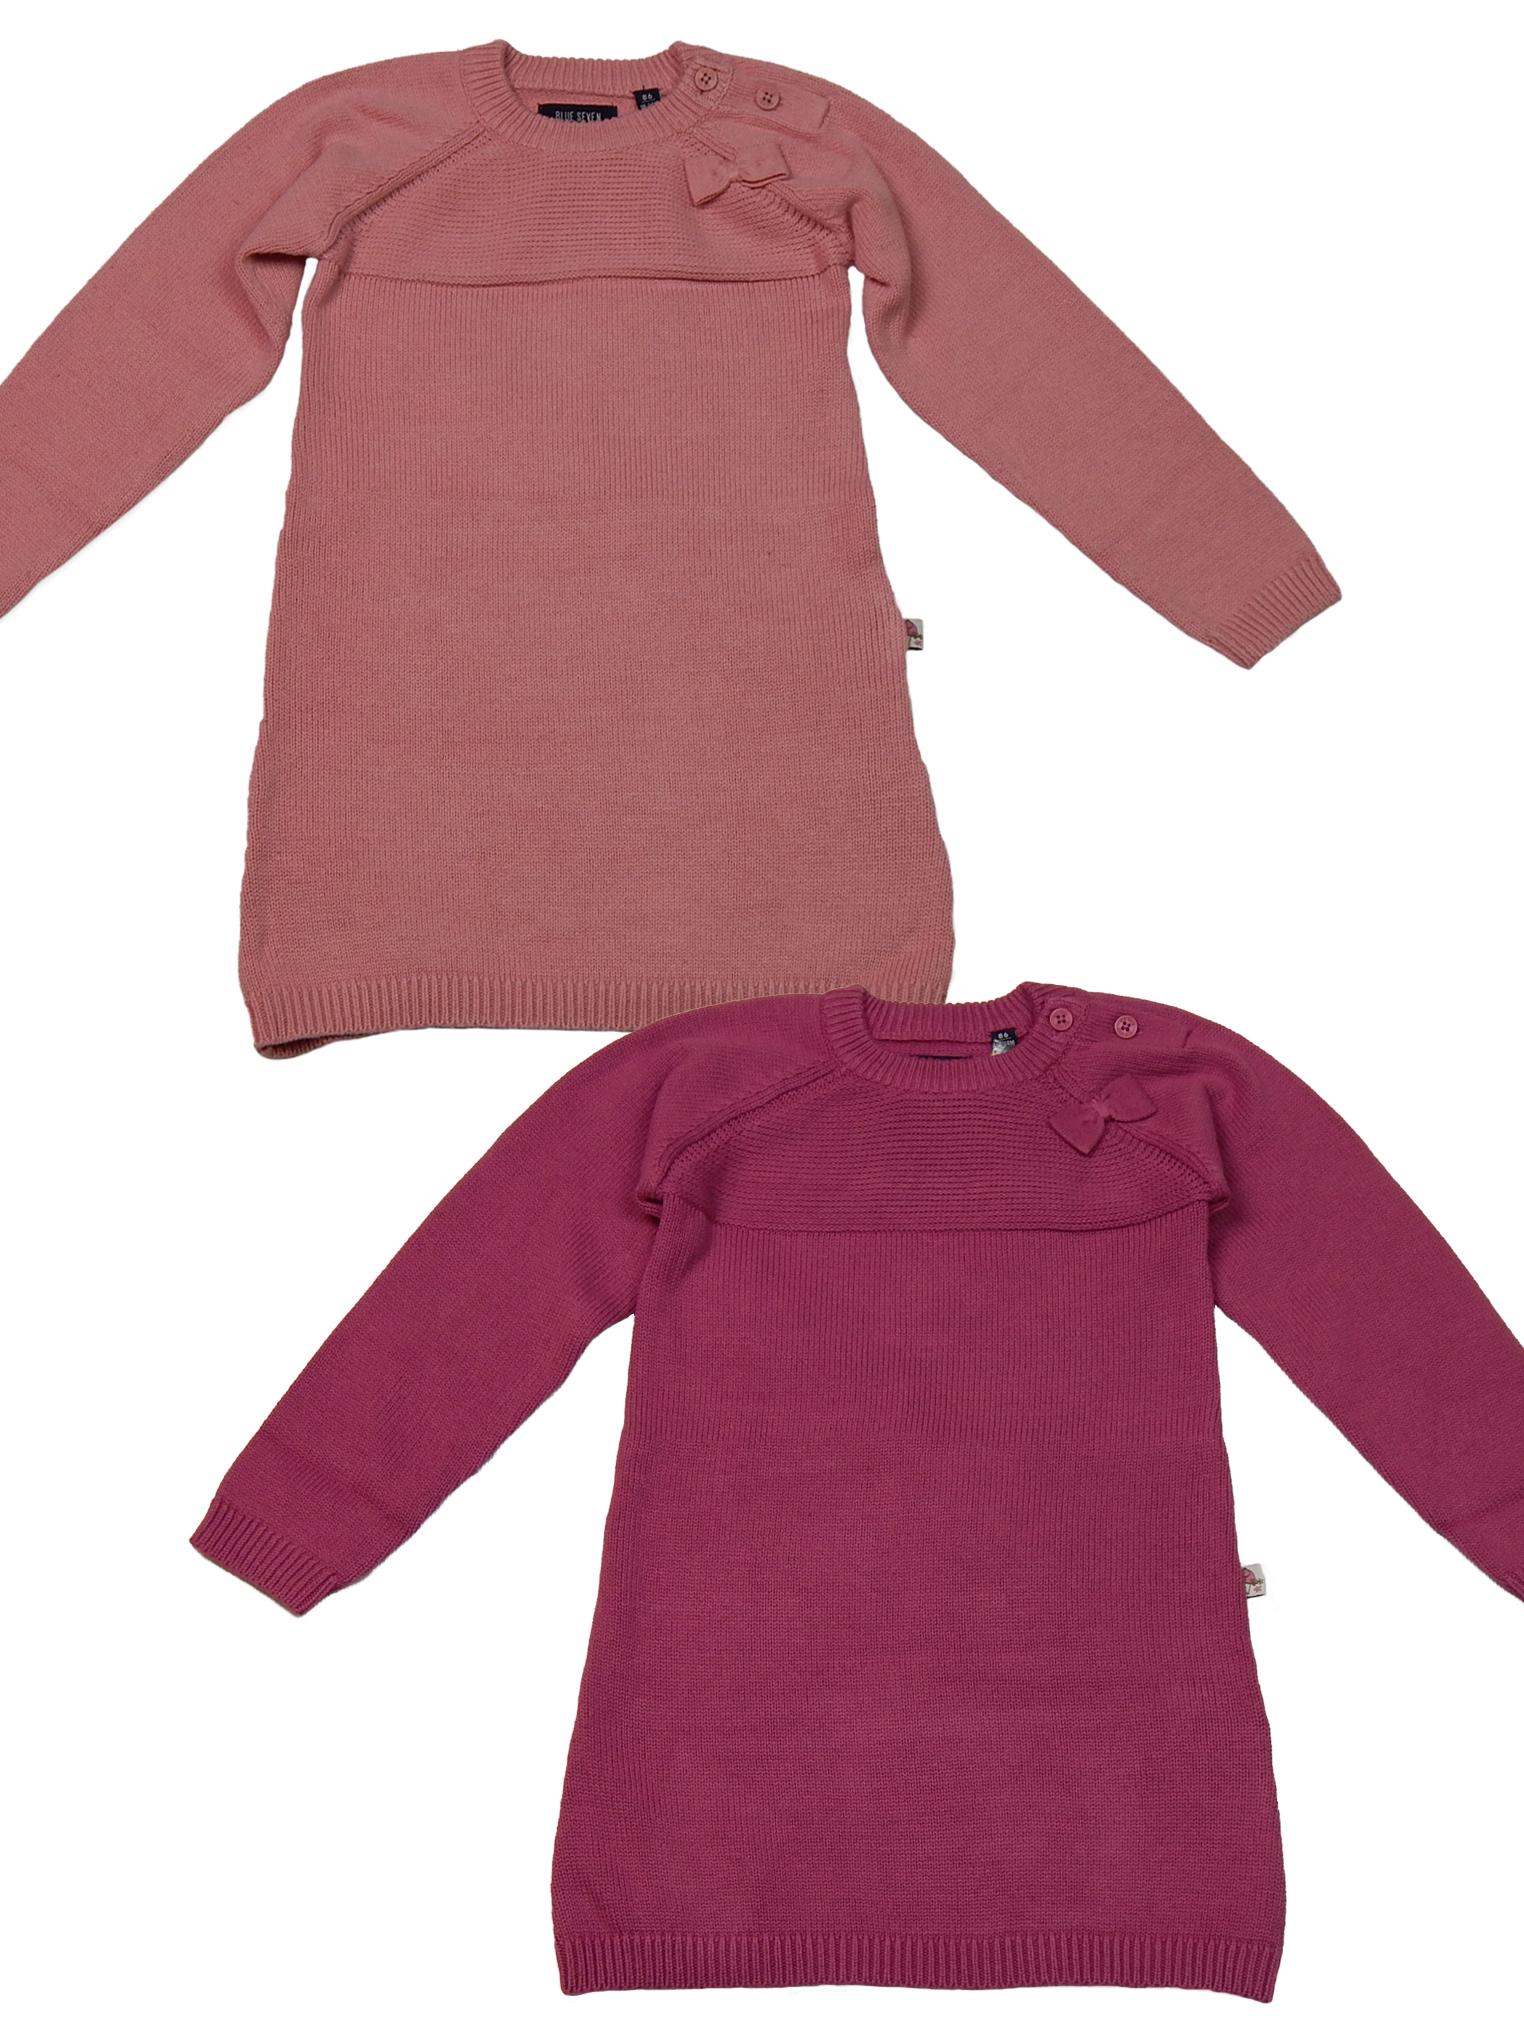 Kleid Mädchen Strickkleid Größe 62 68 74 80 86 Baby Dress Langarm